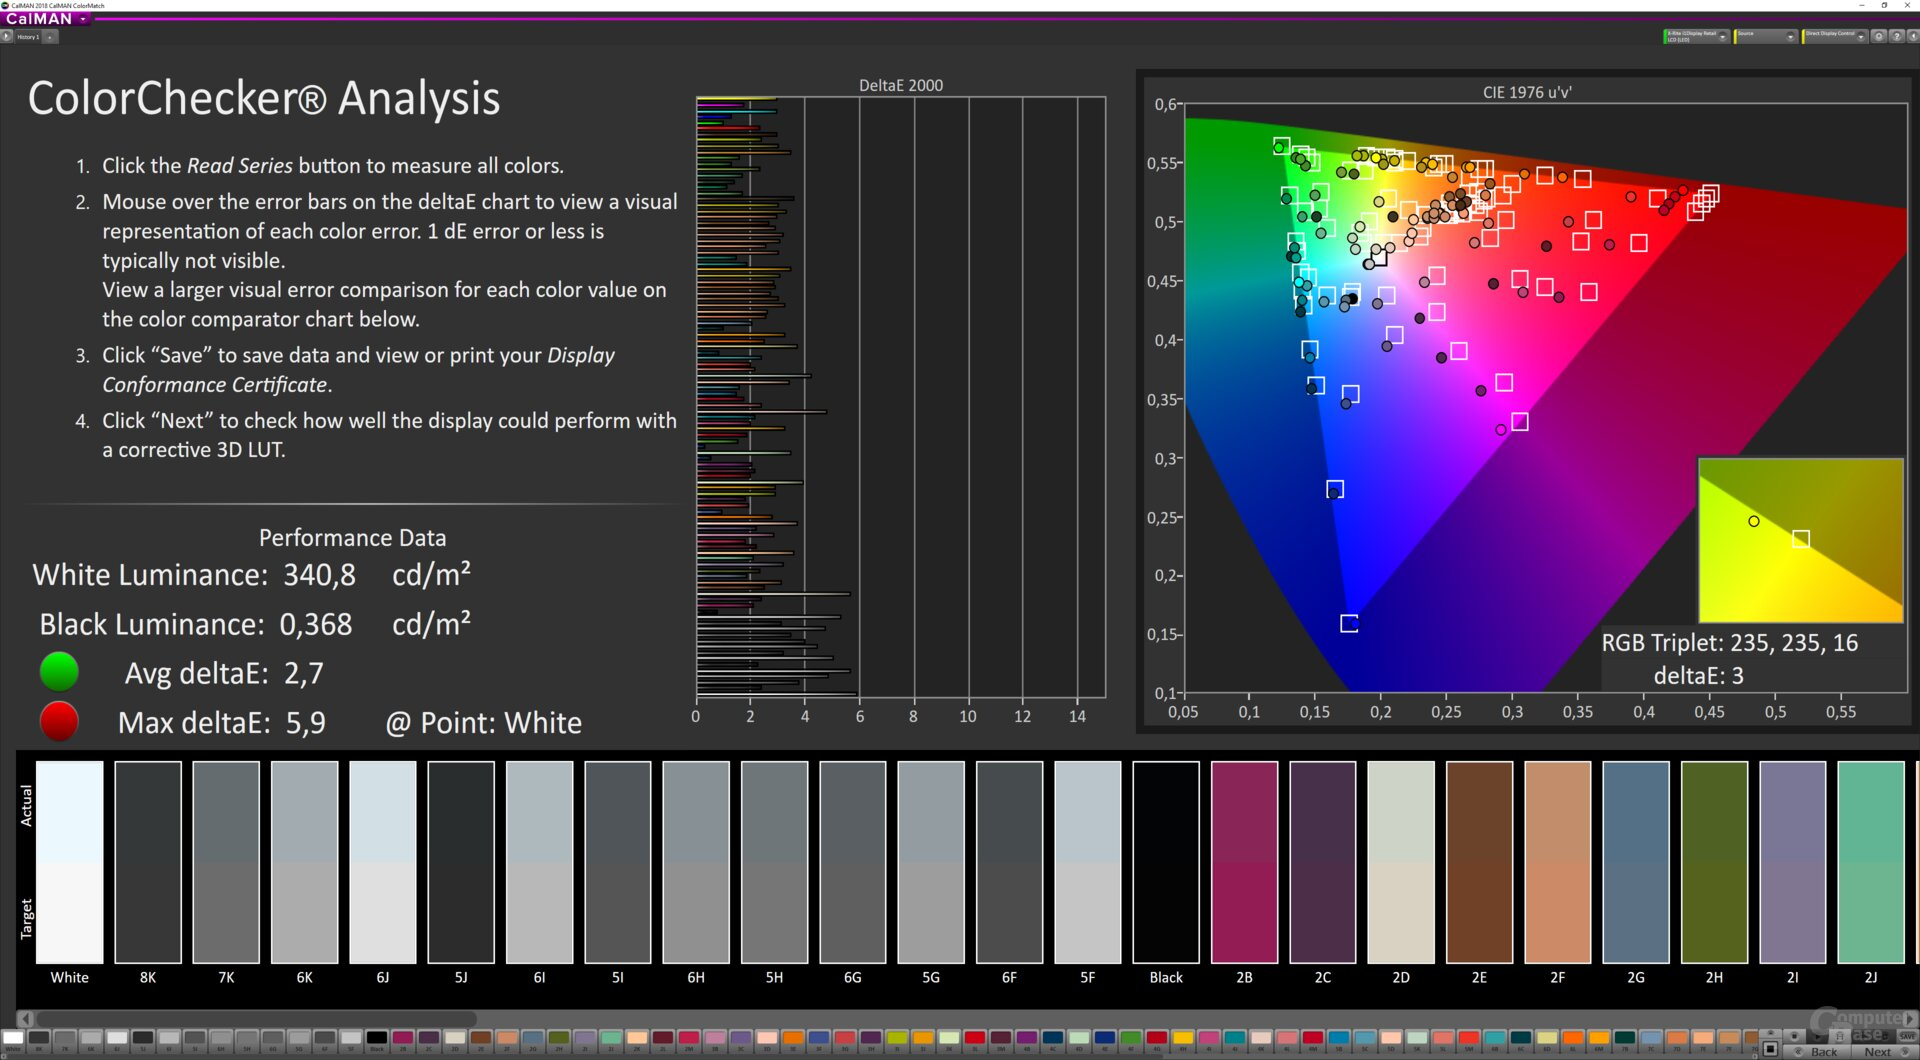 Farbtreue des AOC U32U1 im Modus sRGB